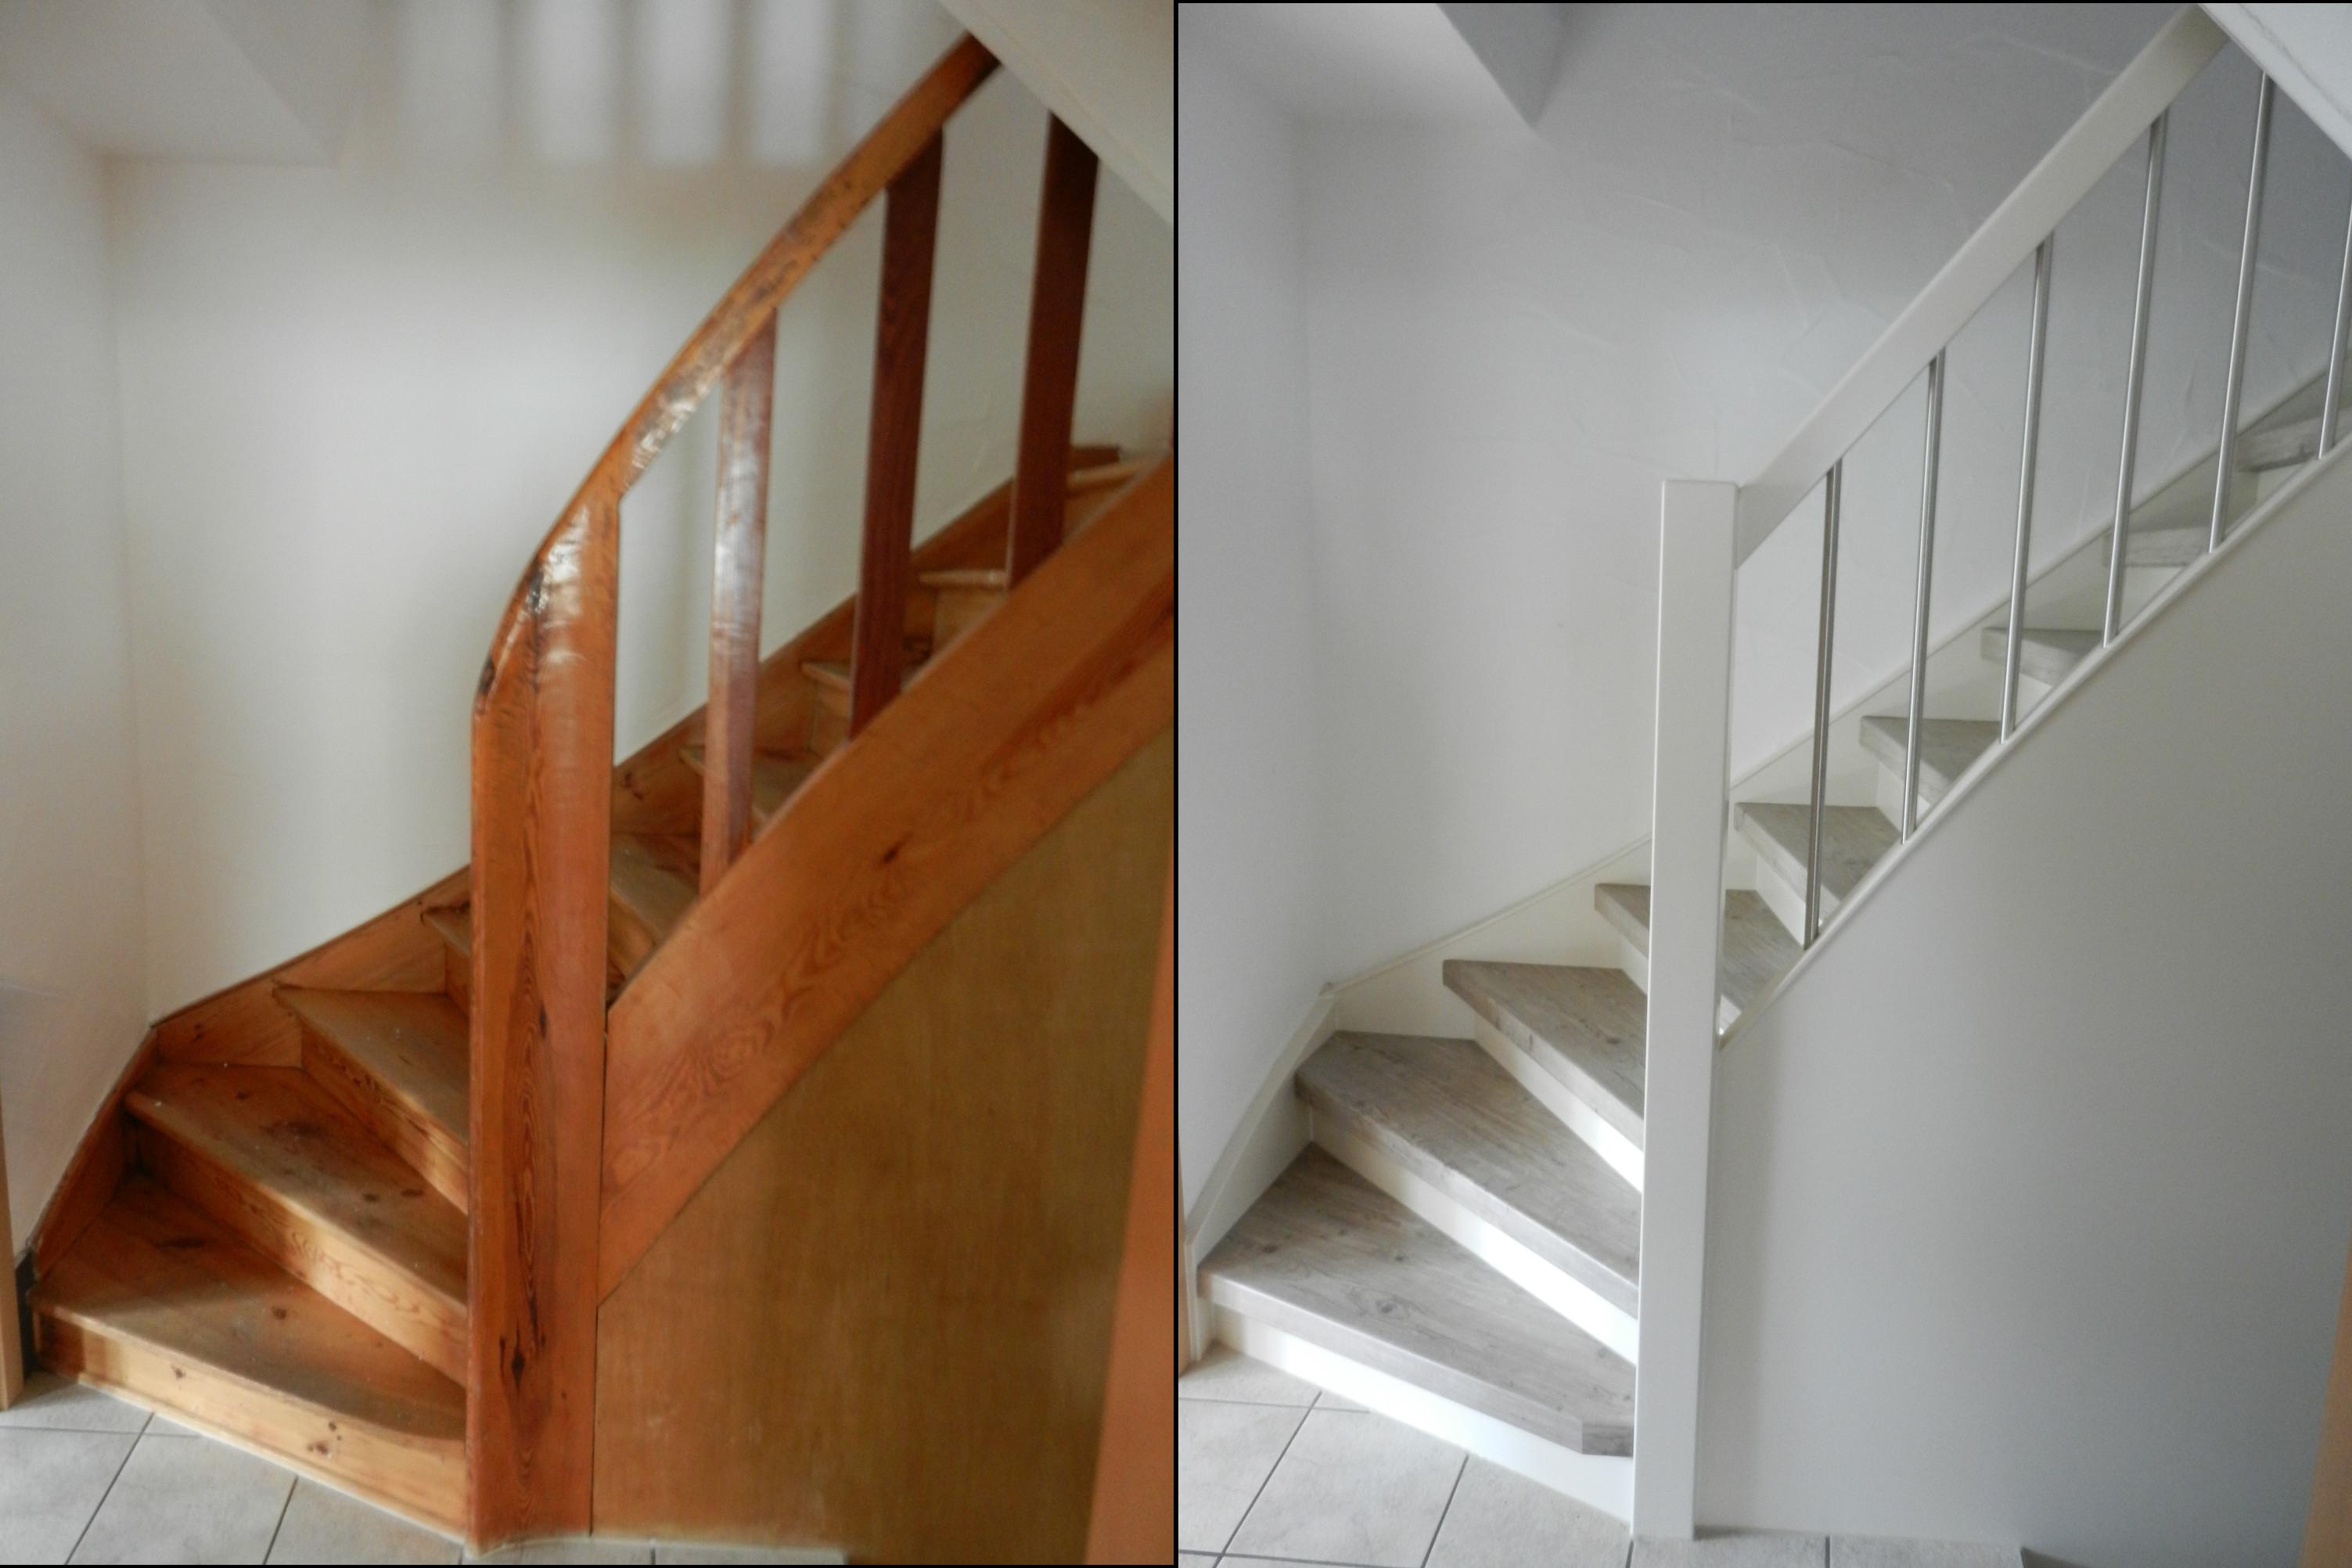 Holztreppe, Geländer + Wange weiß, Dekor vintage Laminat